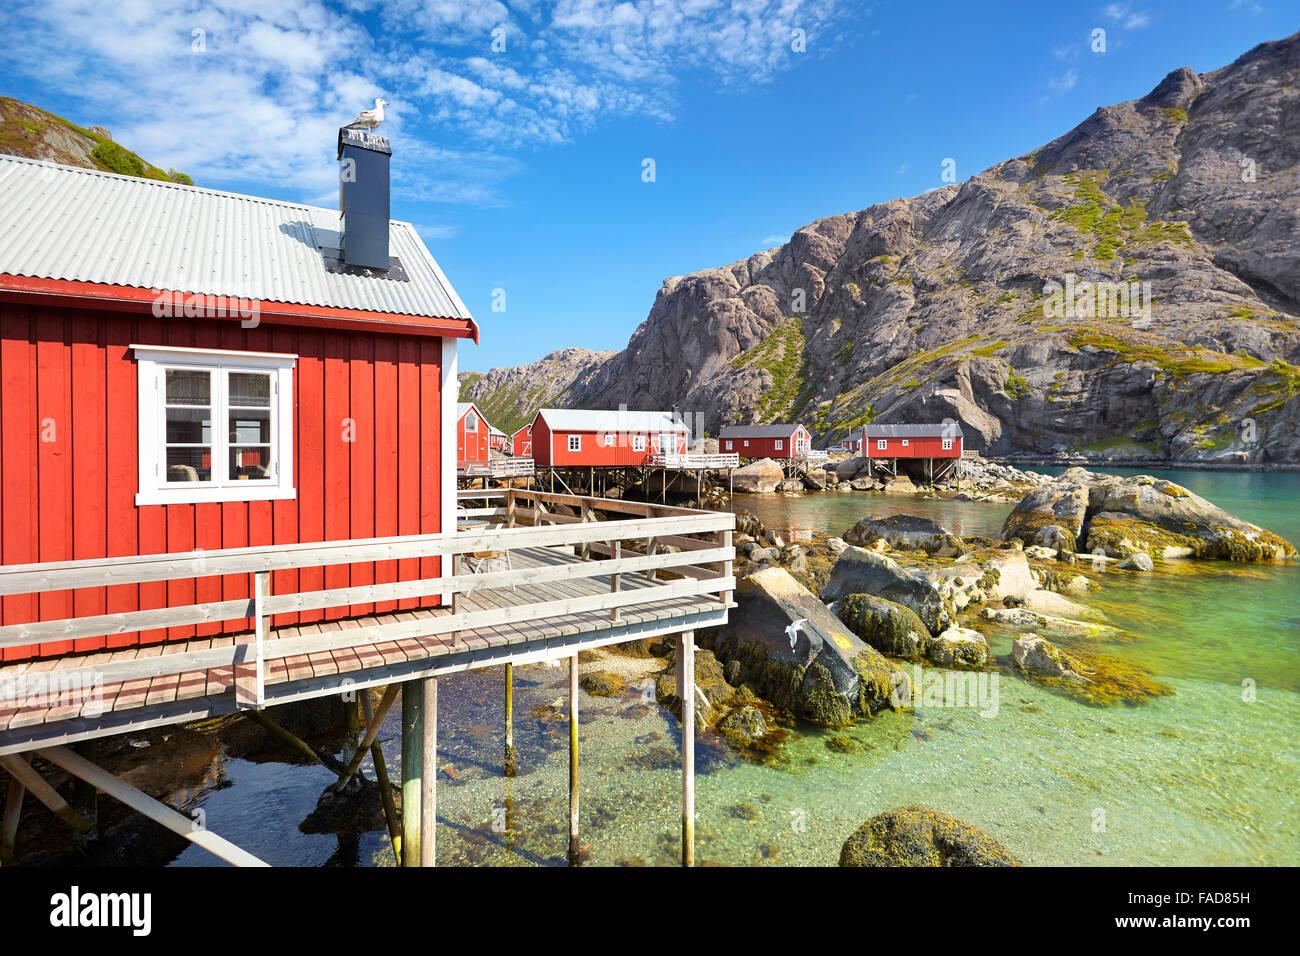 Traditionelle rote Fischer Hütten Rorbu, Lofoten Island, Norwegen Stockbild